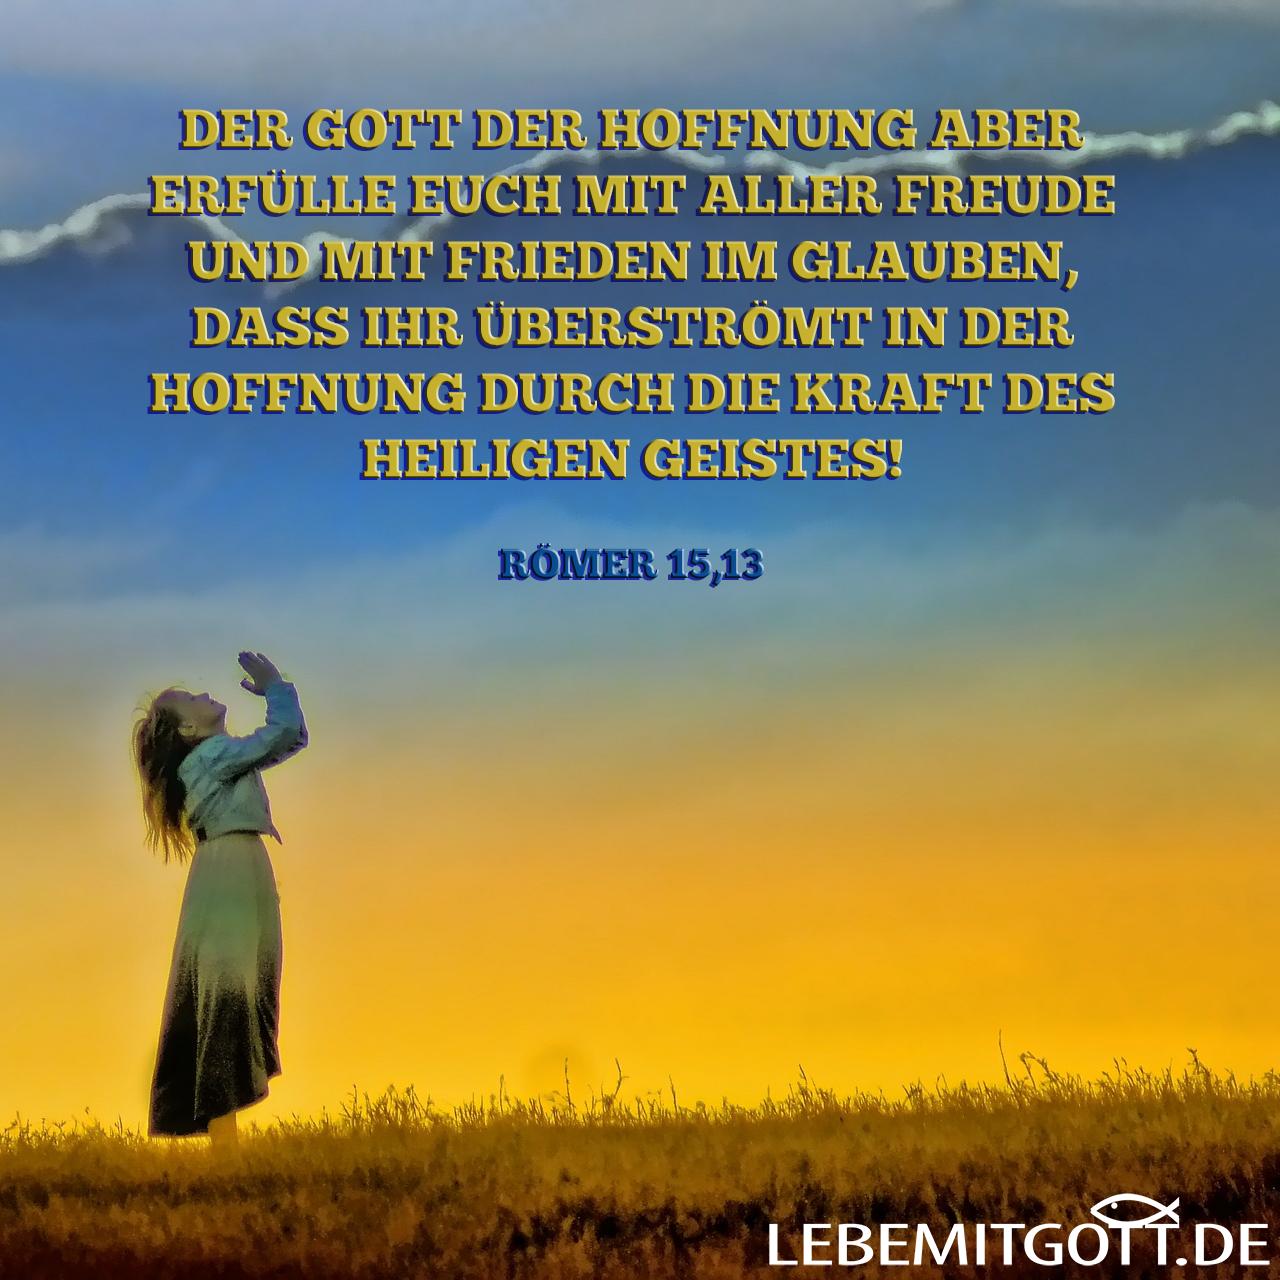 Kraft des Heiligen Geistes